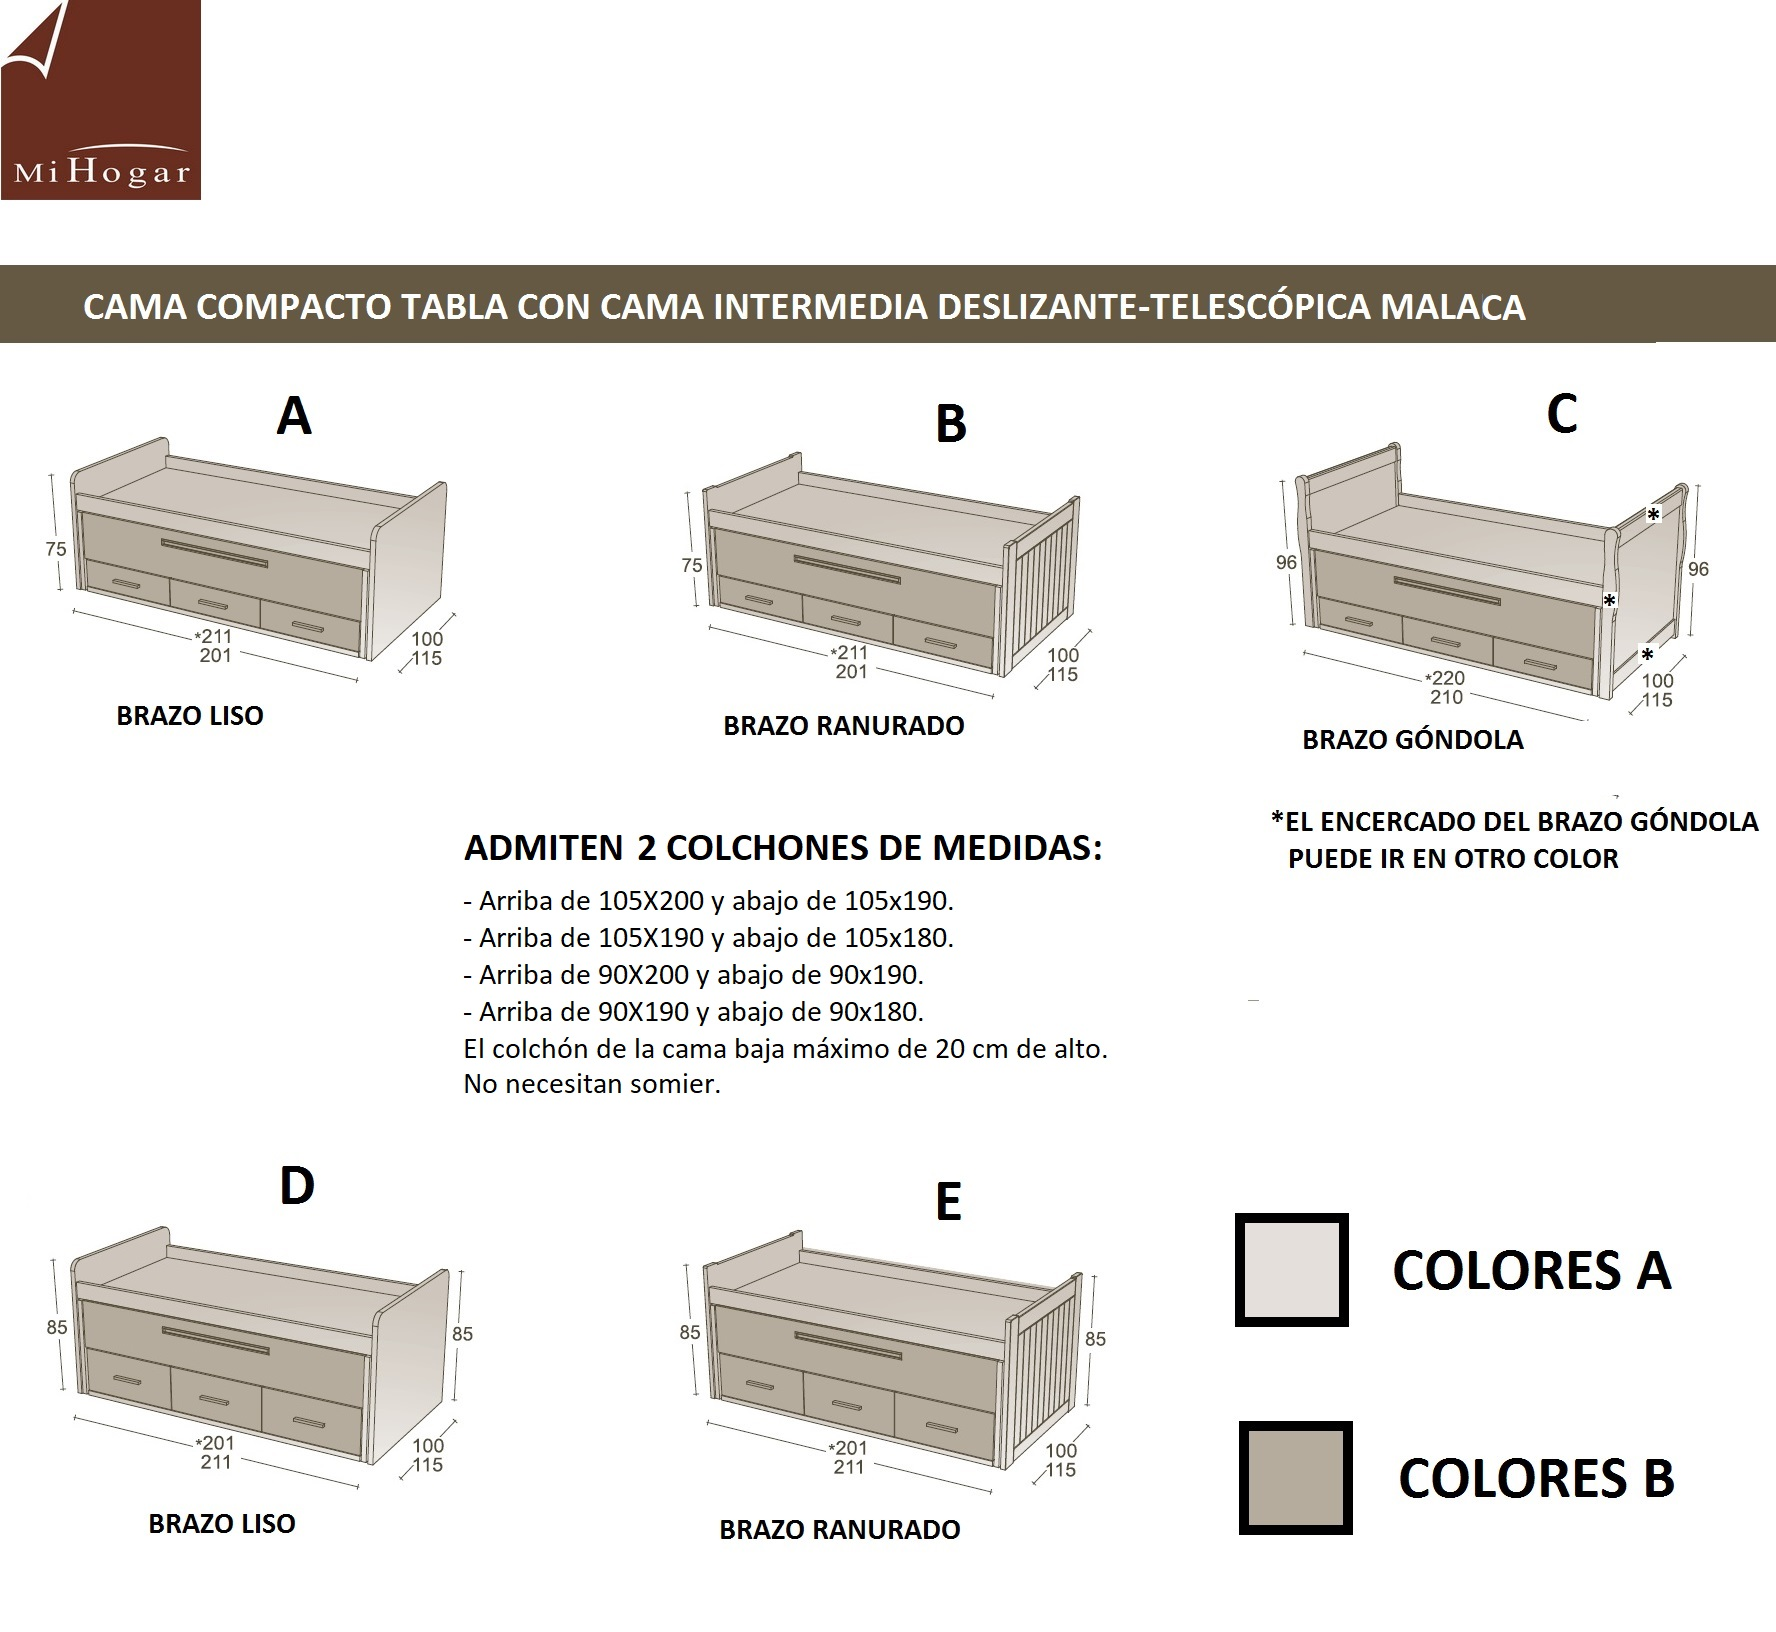 Cama compacto tabla lacada malaca muebles mi hogar for Camas de 1 05 juveniles